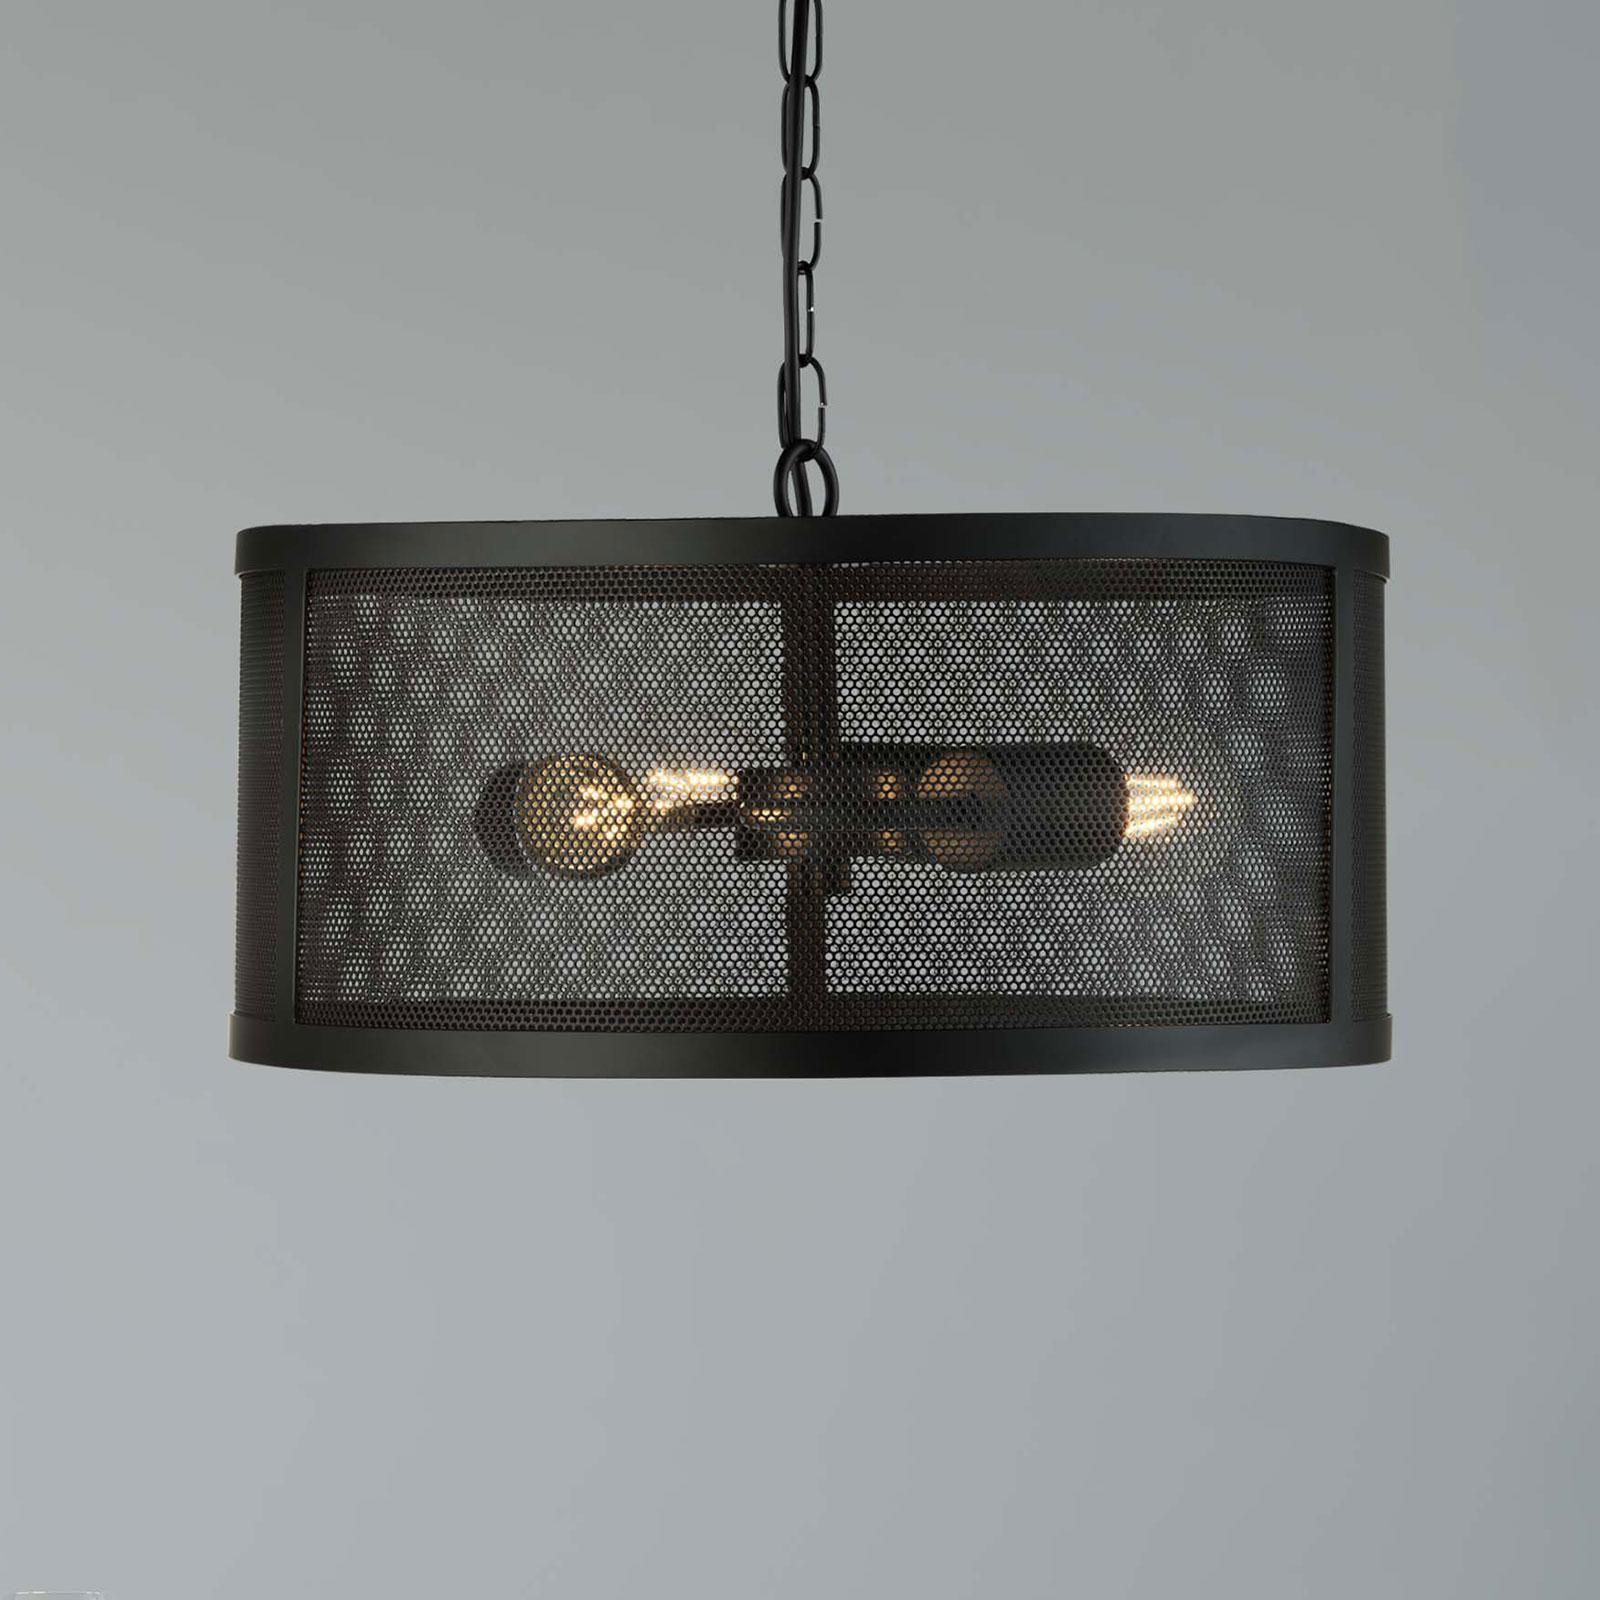 Suspension Fishnet noire en métal Ø 45cm